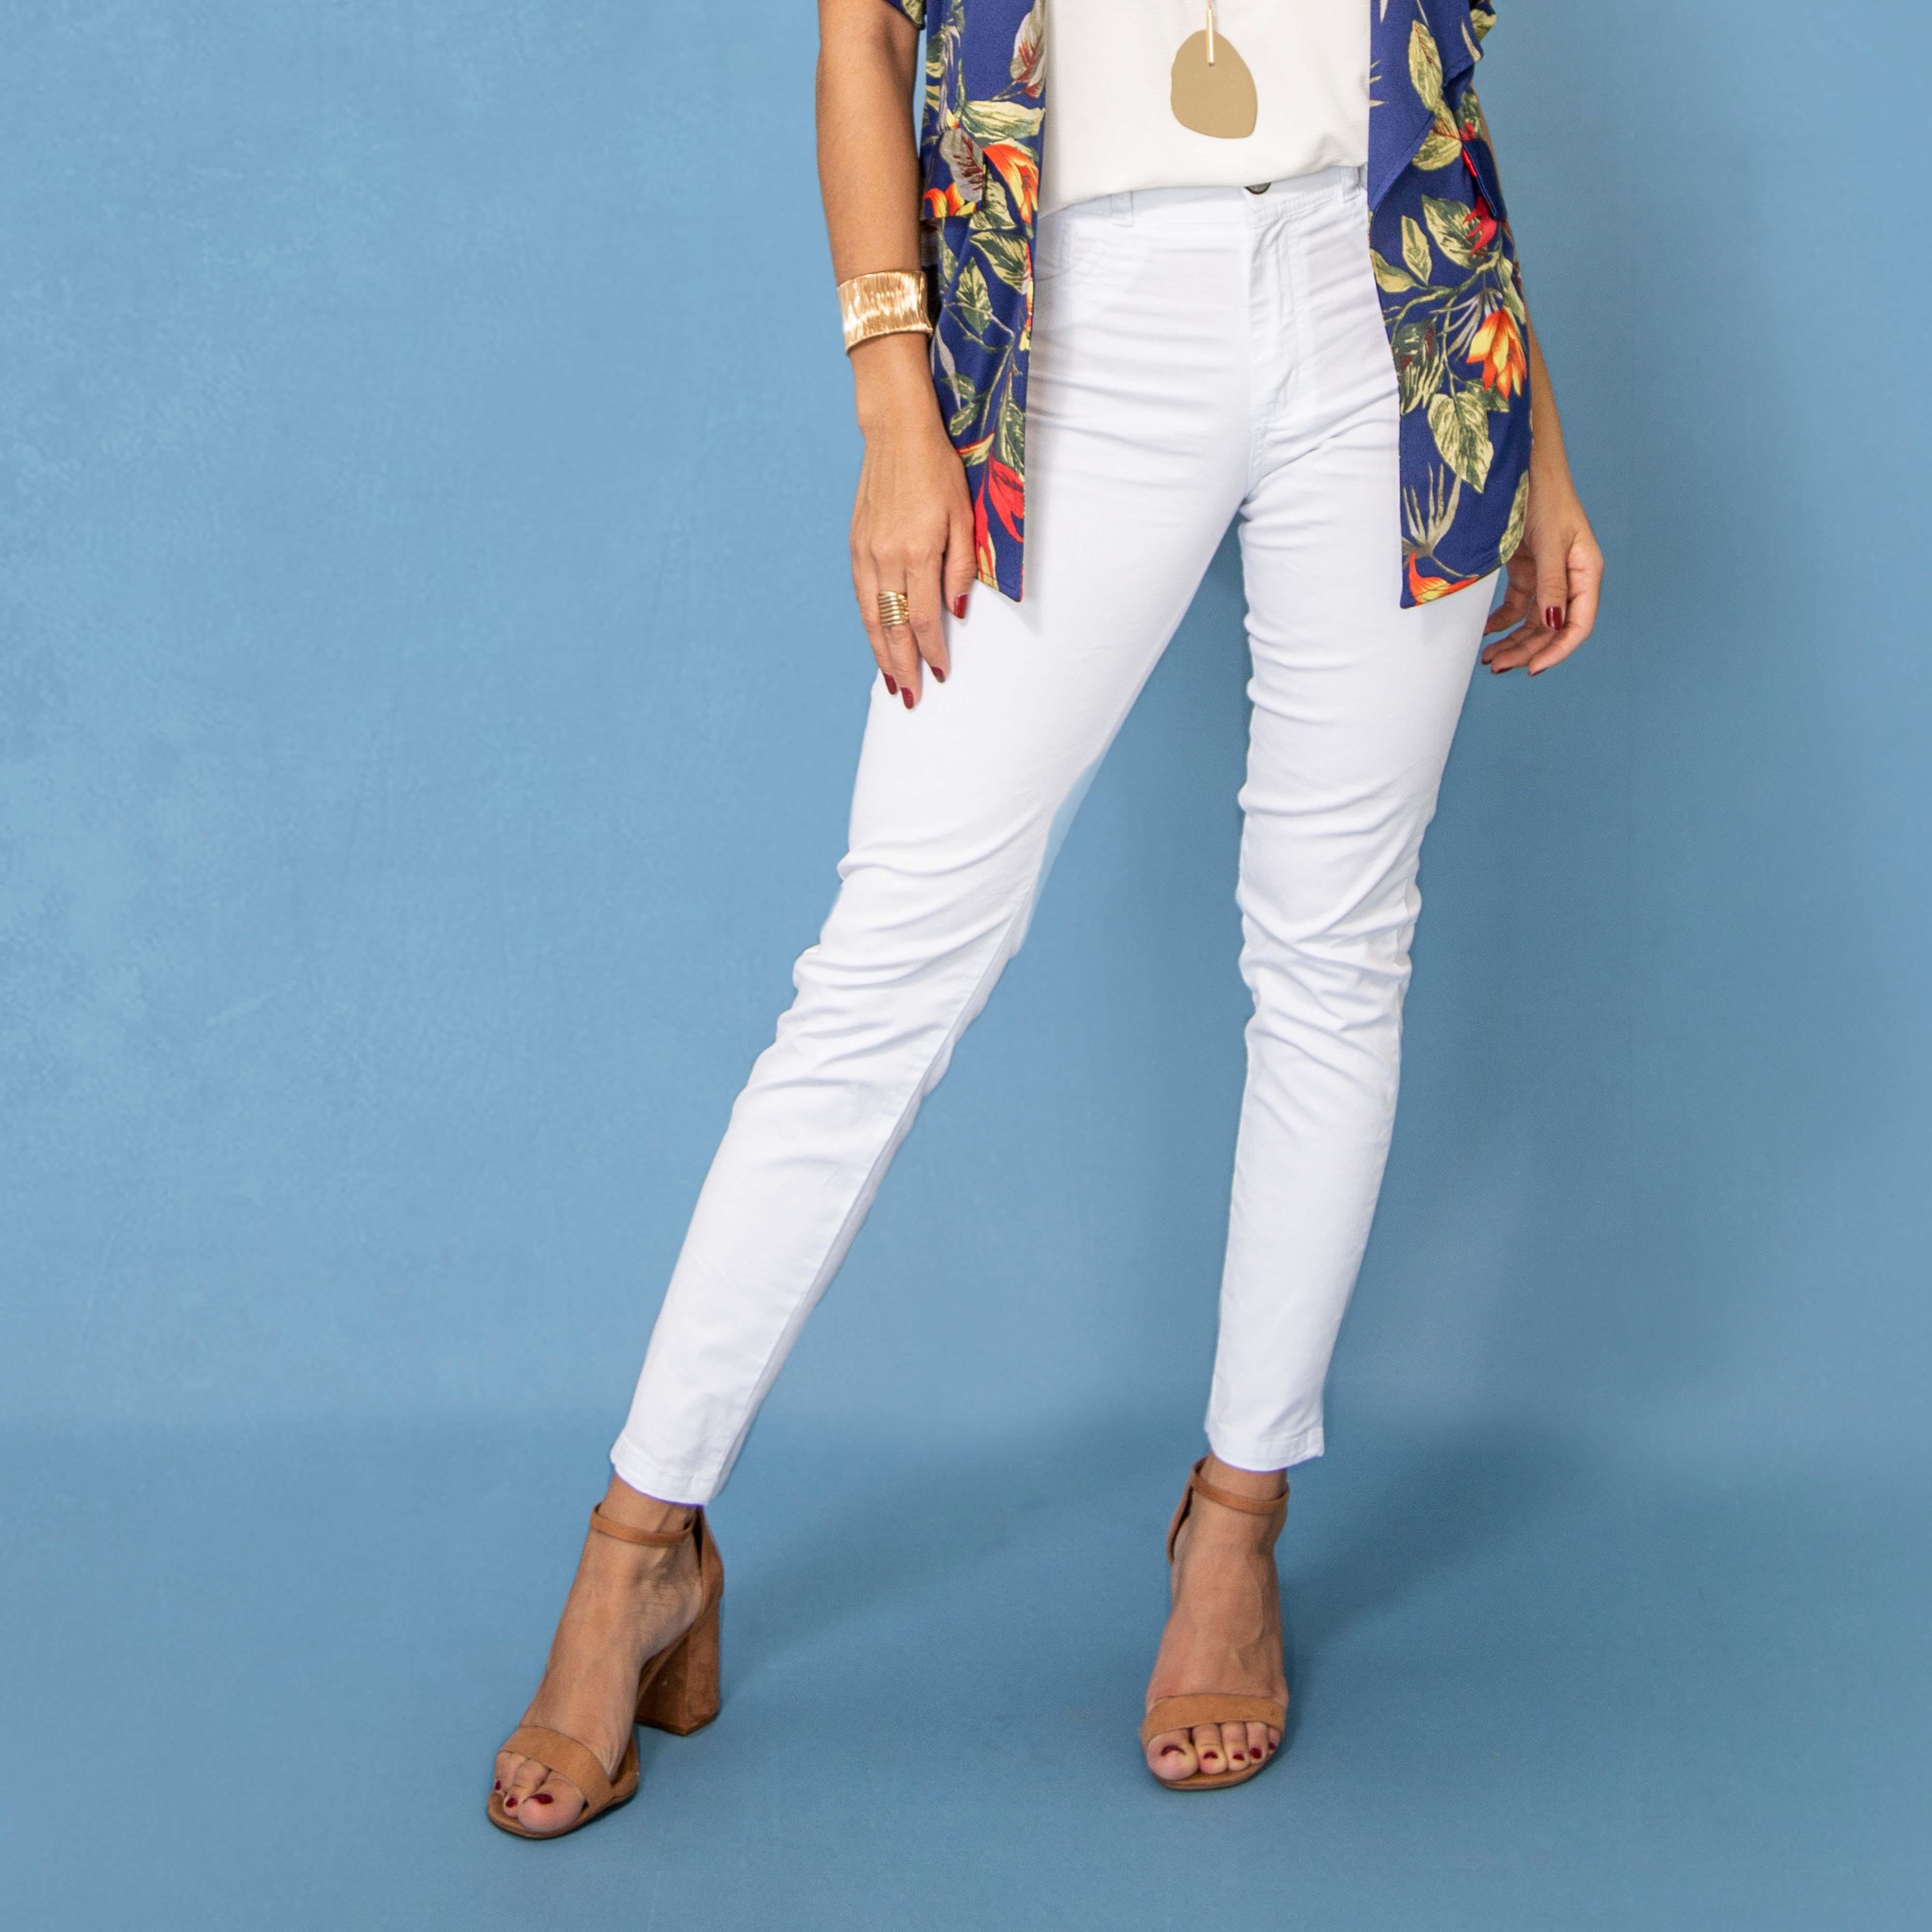 Pantalón blanco Cod. 1190716